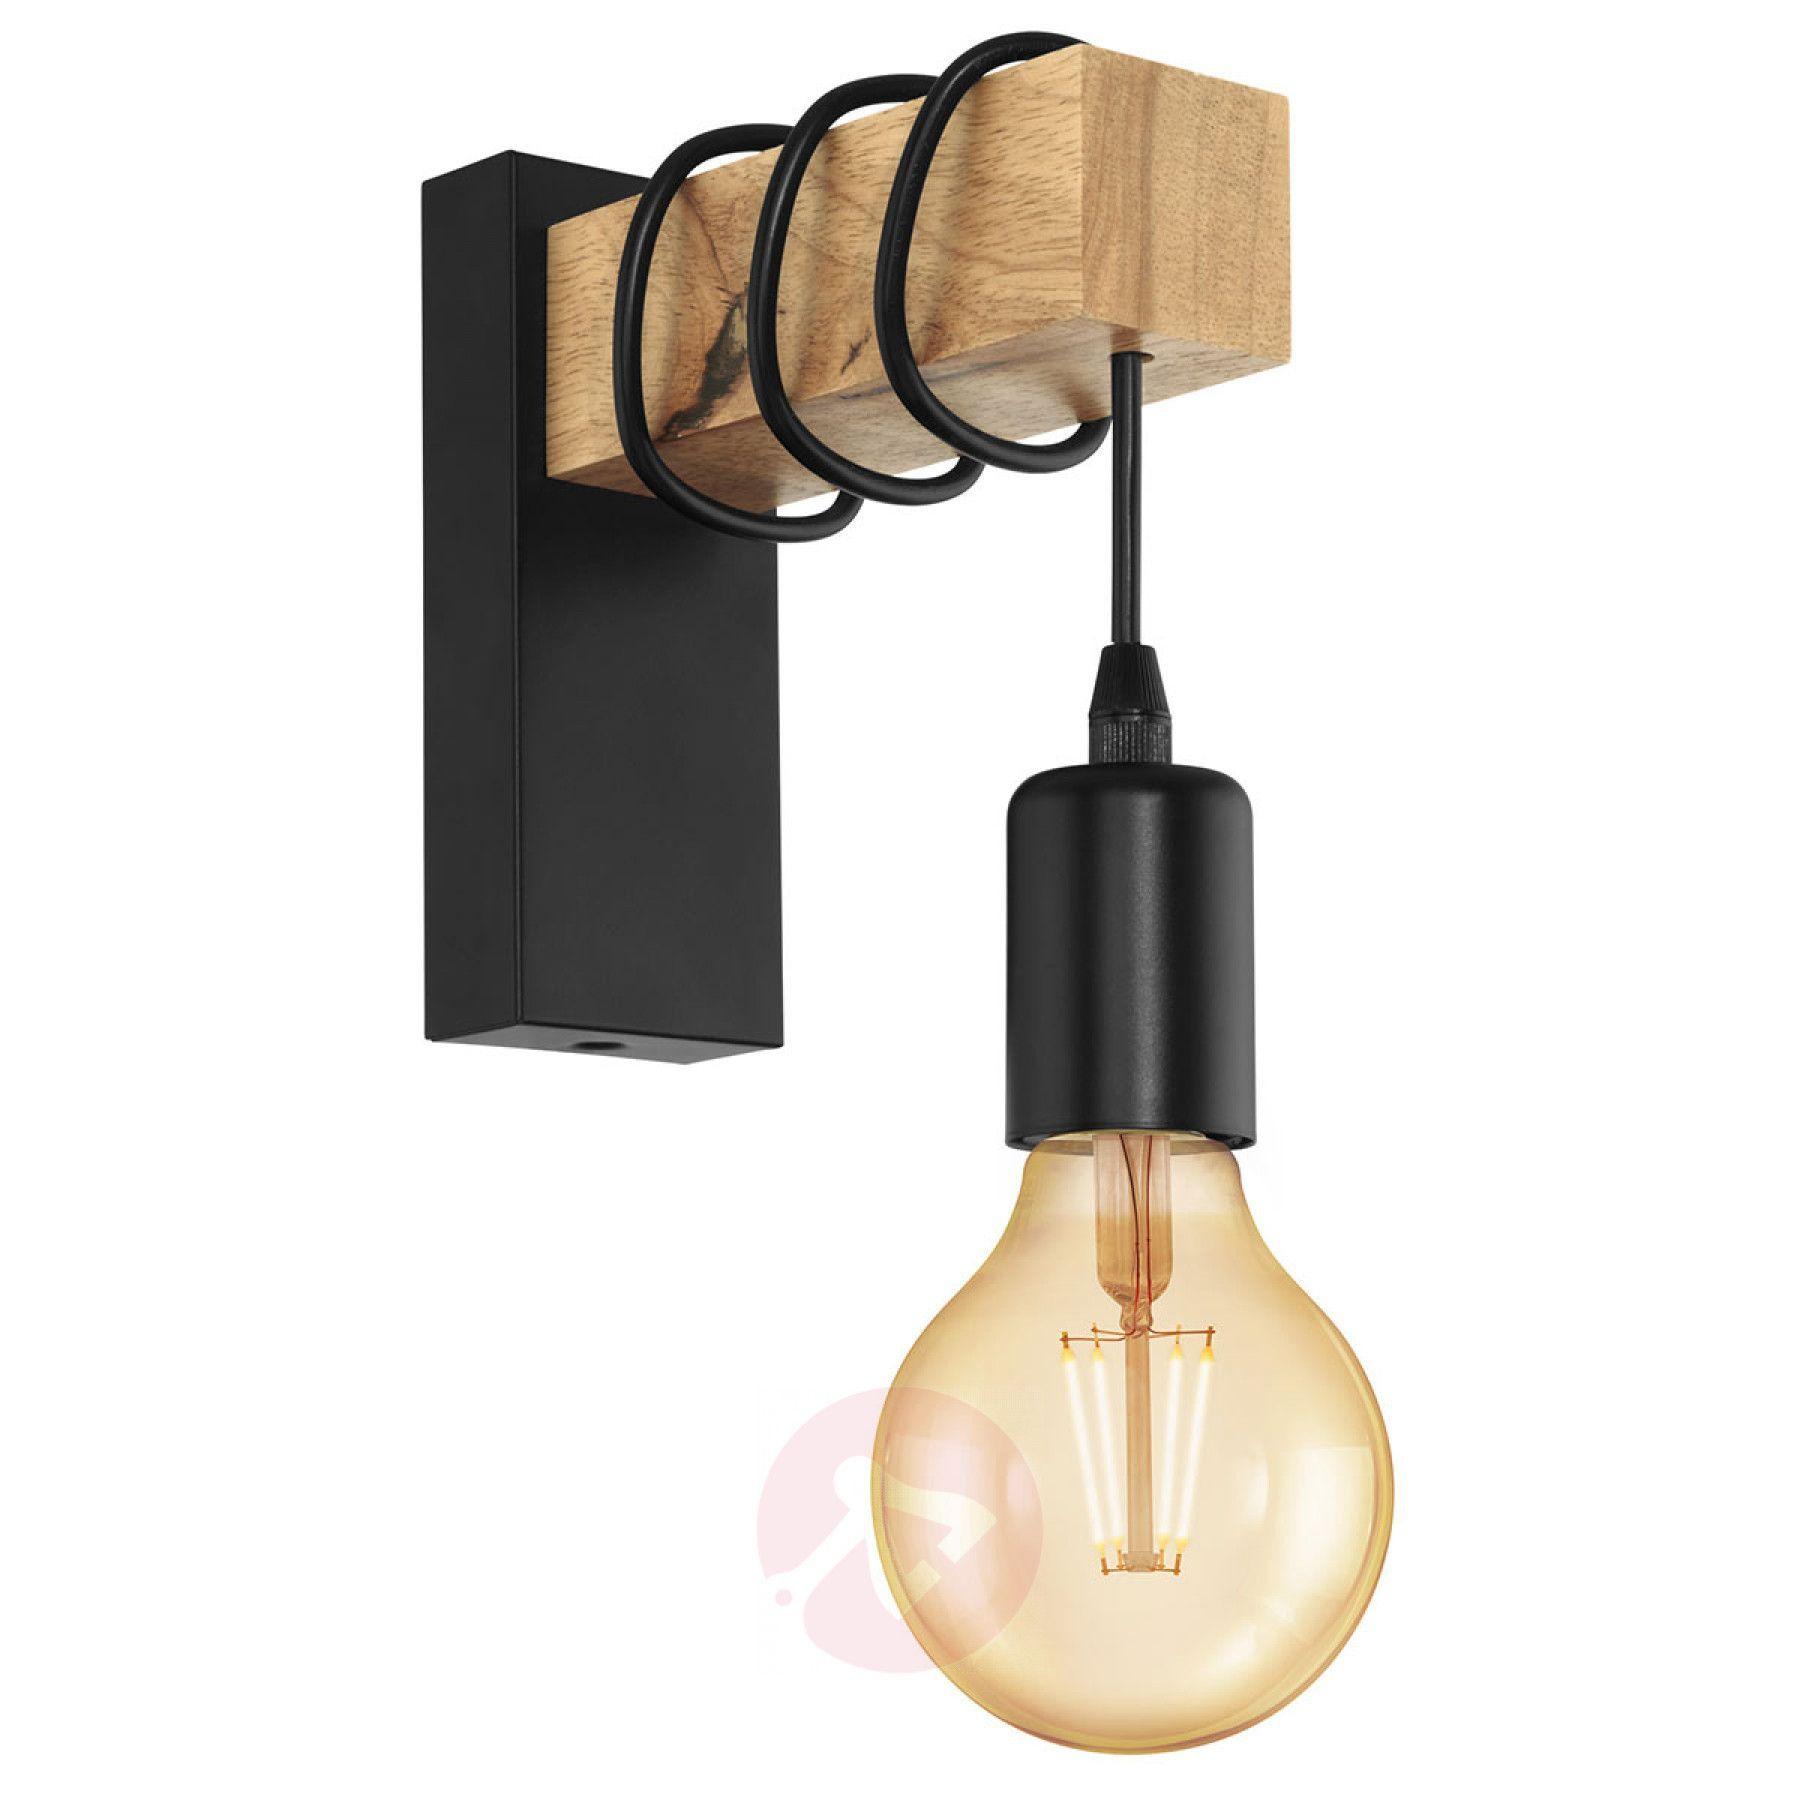 Wandleuchte Townshend Mit Holzelement Ausladend Townshend Townshend Holzelement In 2020 Wall Lamp Design Lamp Decor Wall Lamp